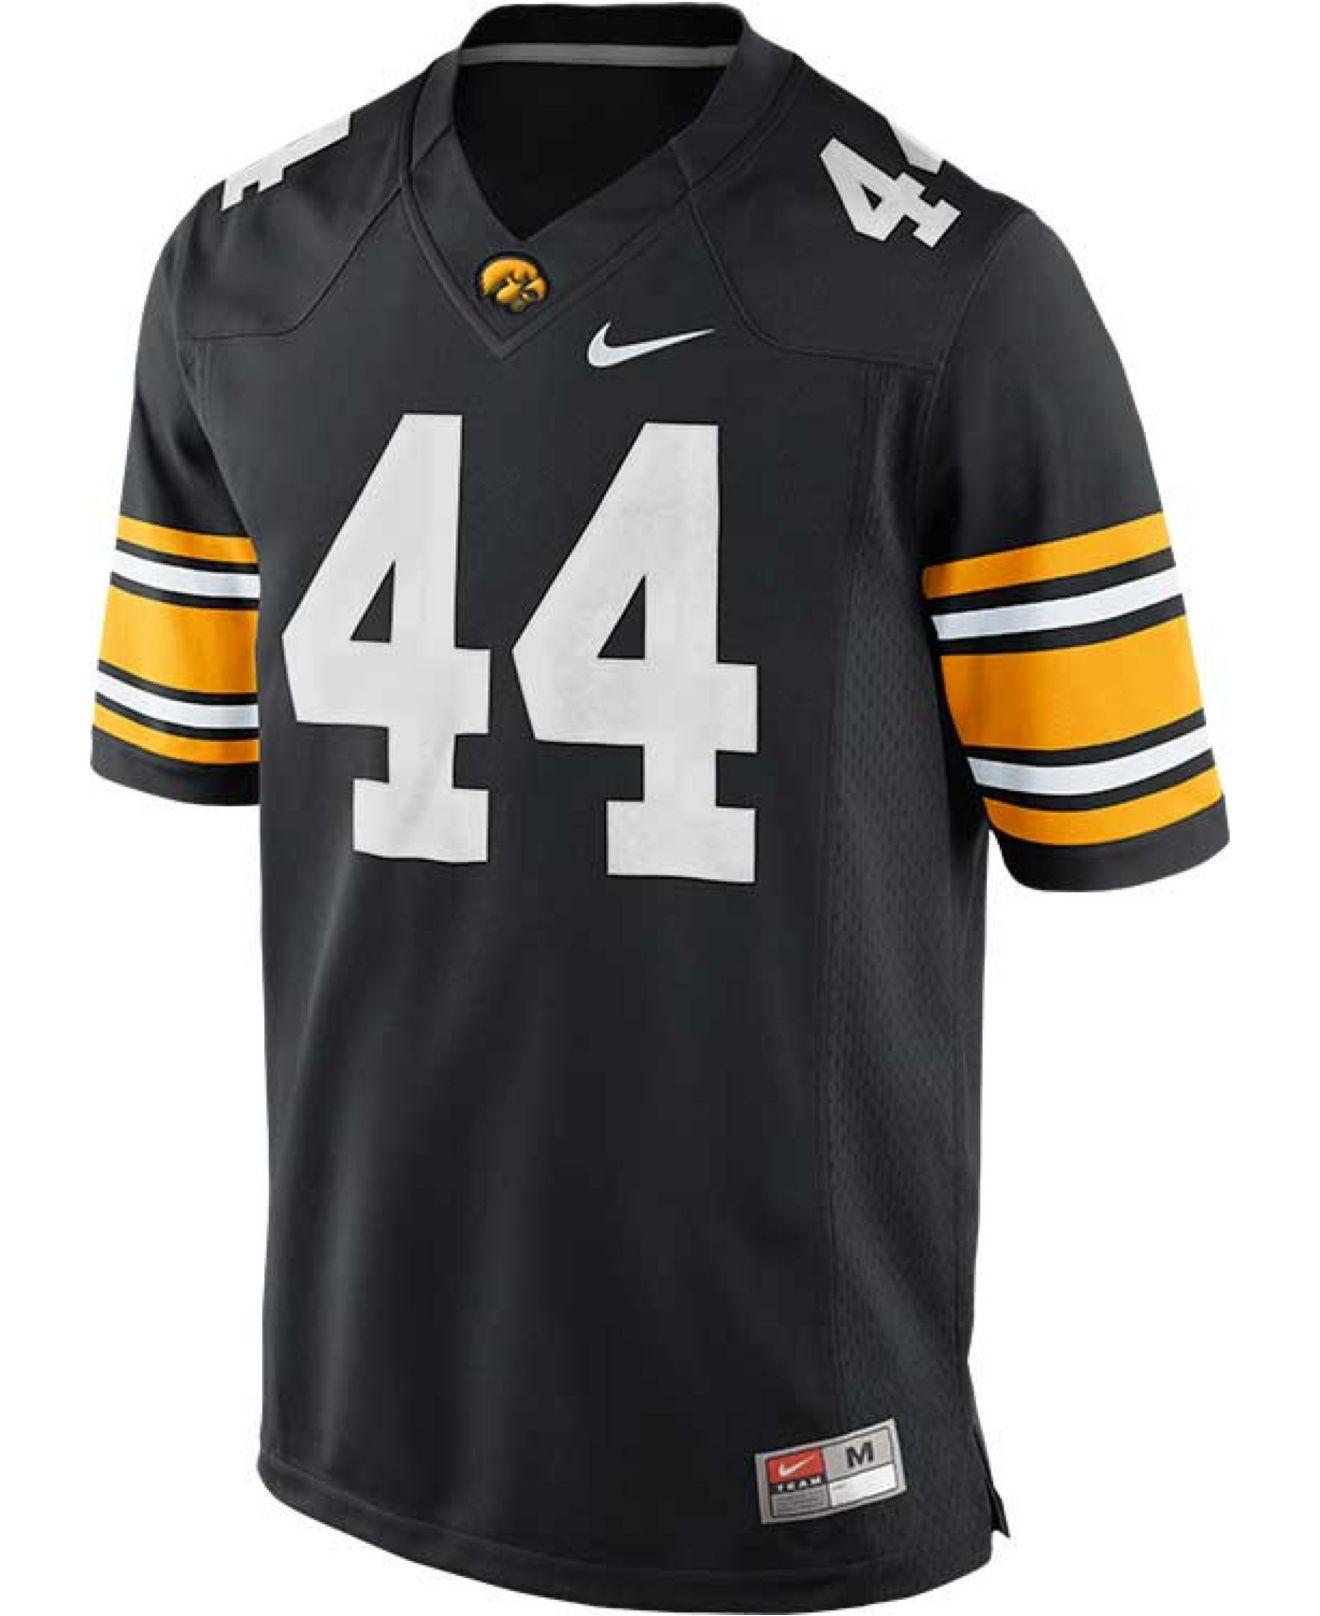 Lyst - Nike Men S Iowa Hawkeyes Limited Football Jersey in Black for Men 391a32133